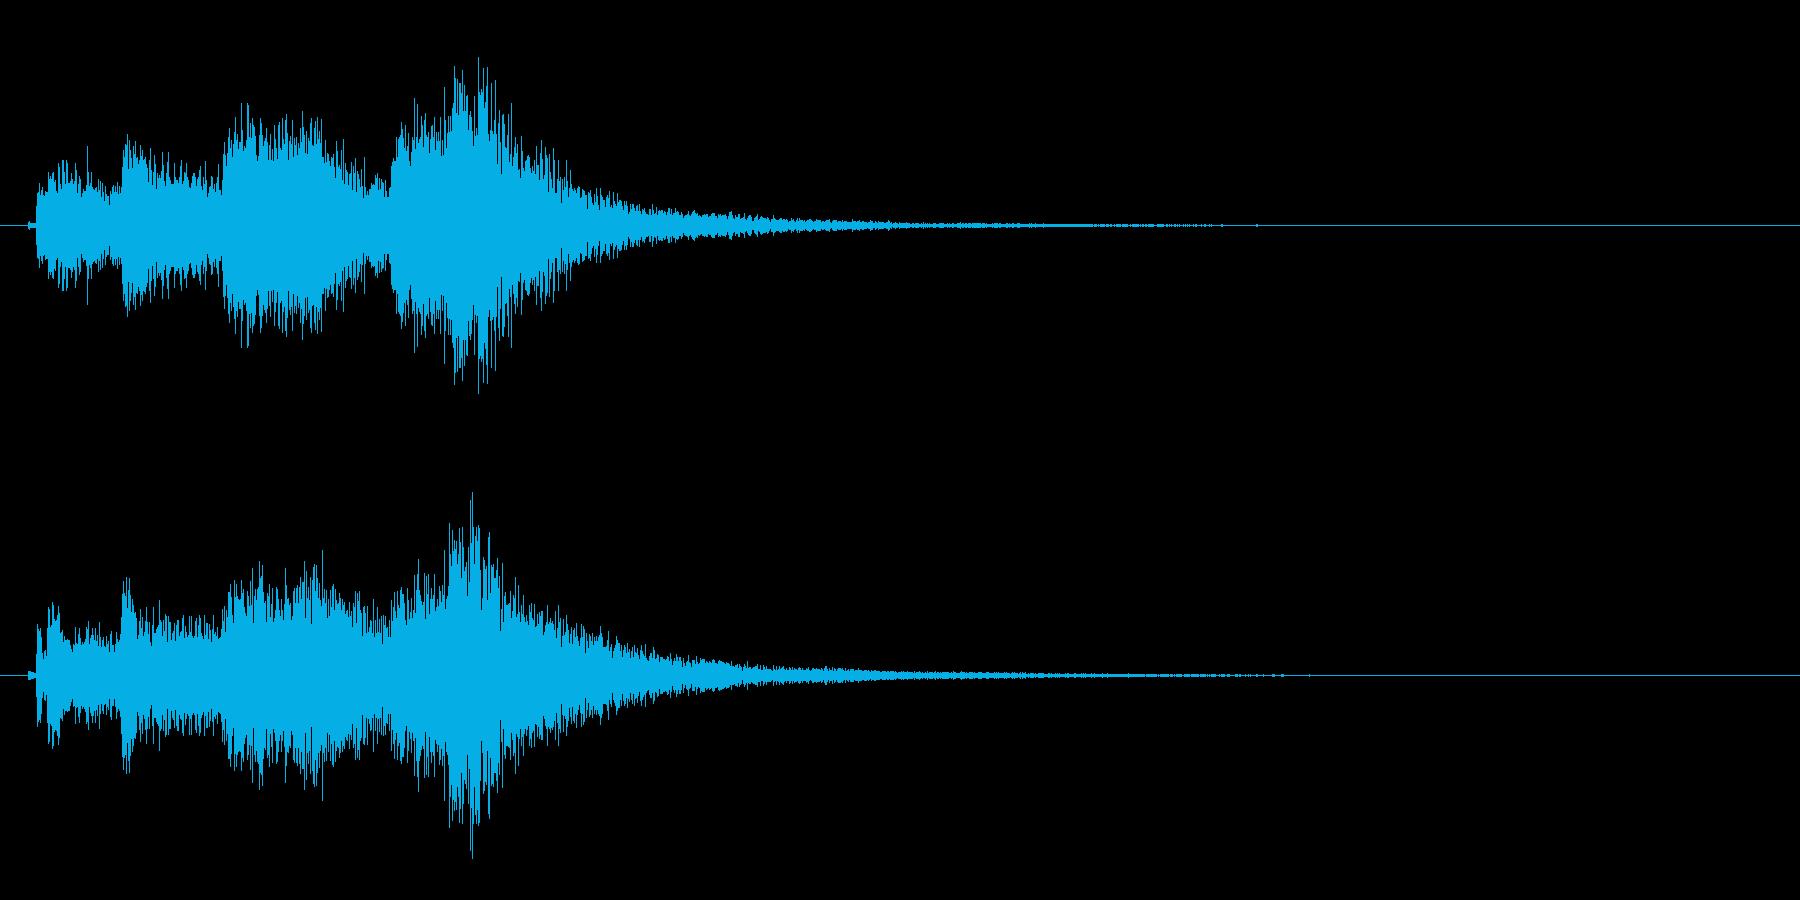 琴のフレーズ3☆調律1☆リバーブ有の再生済みの波形